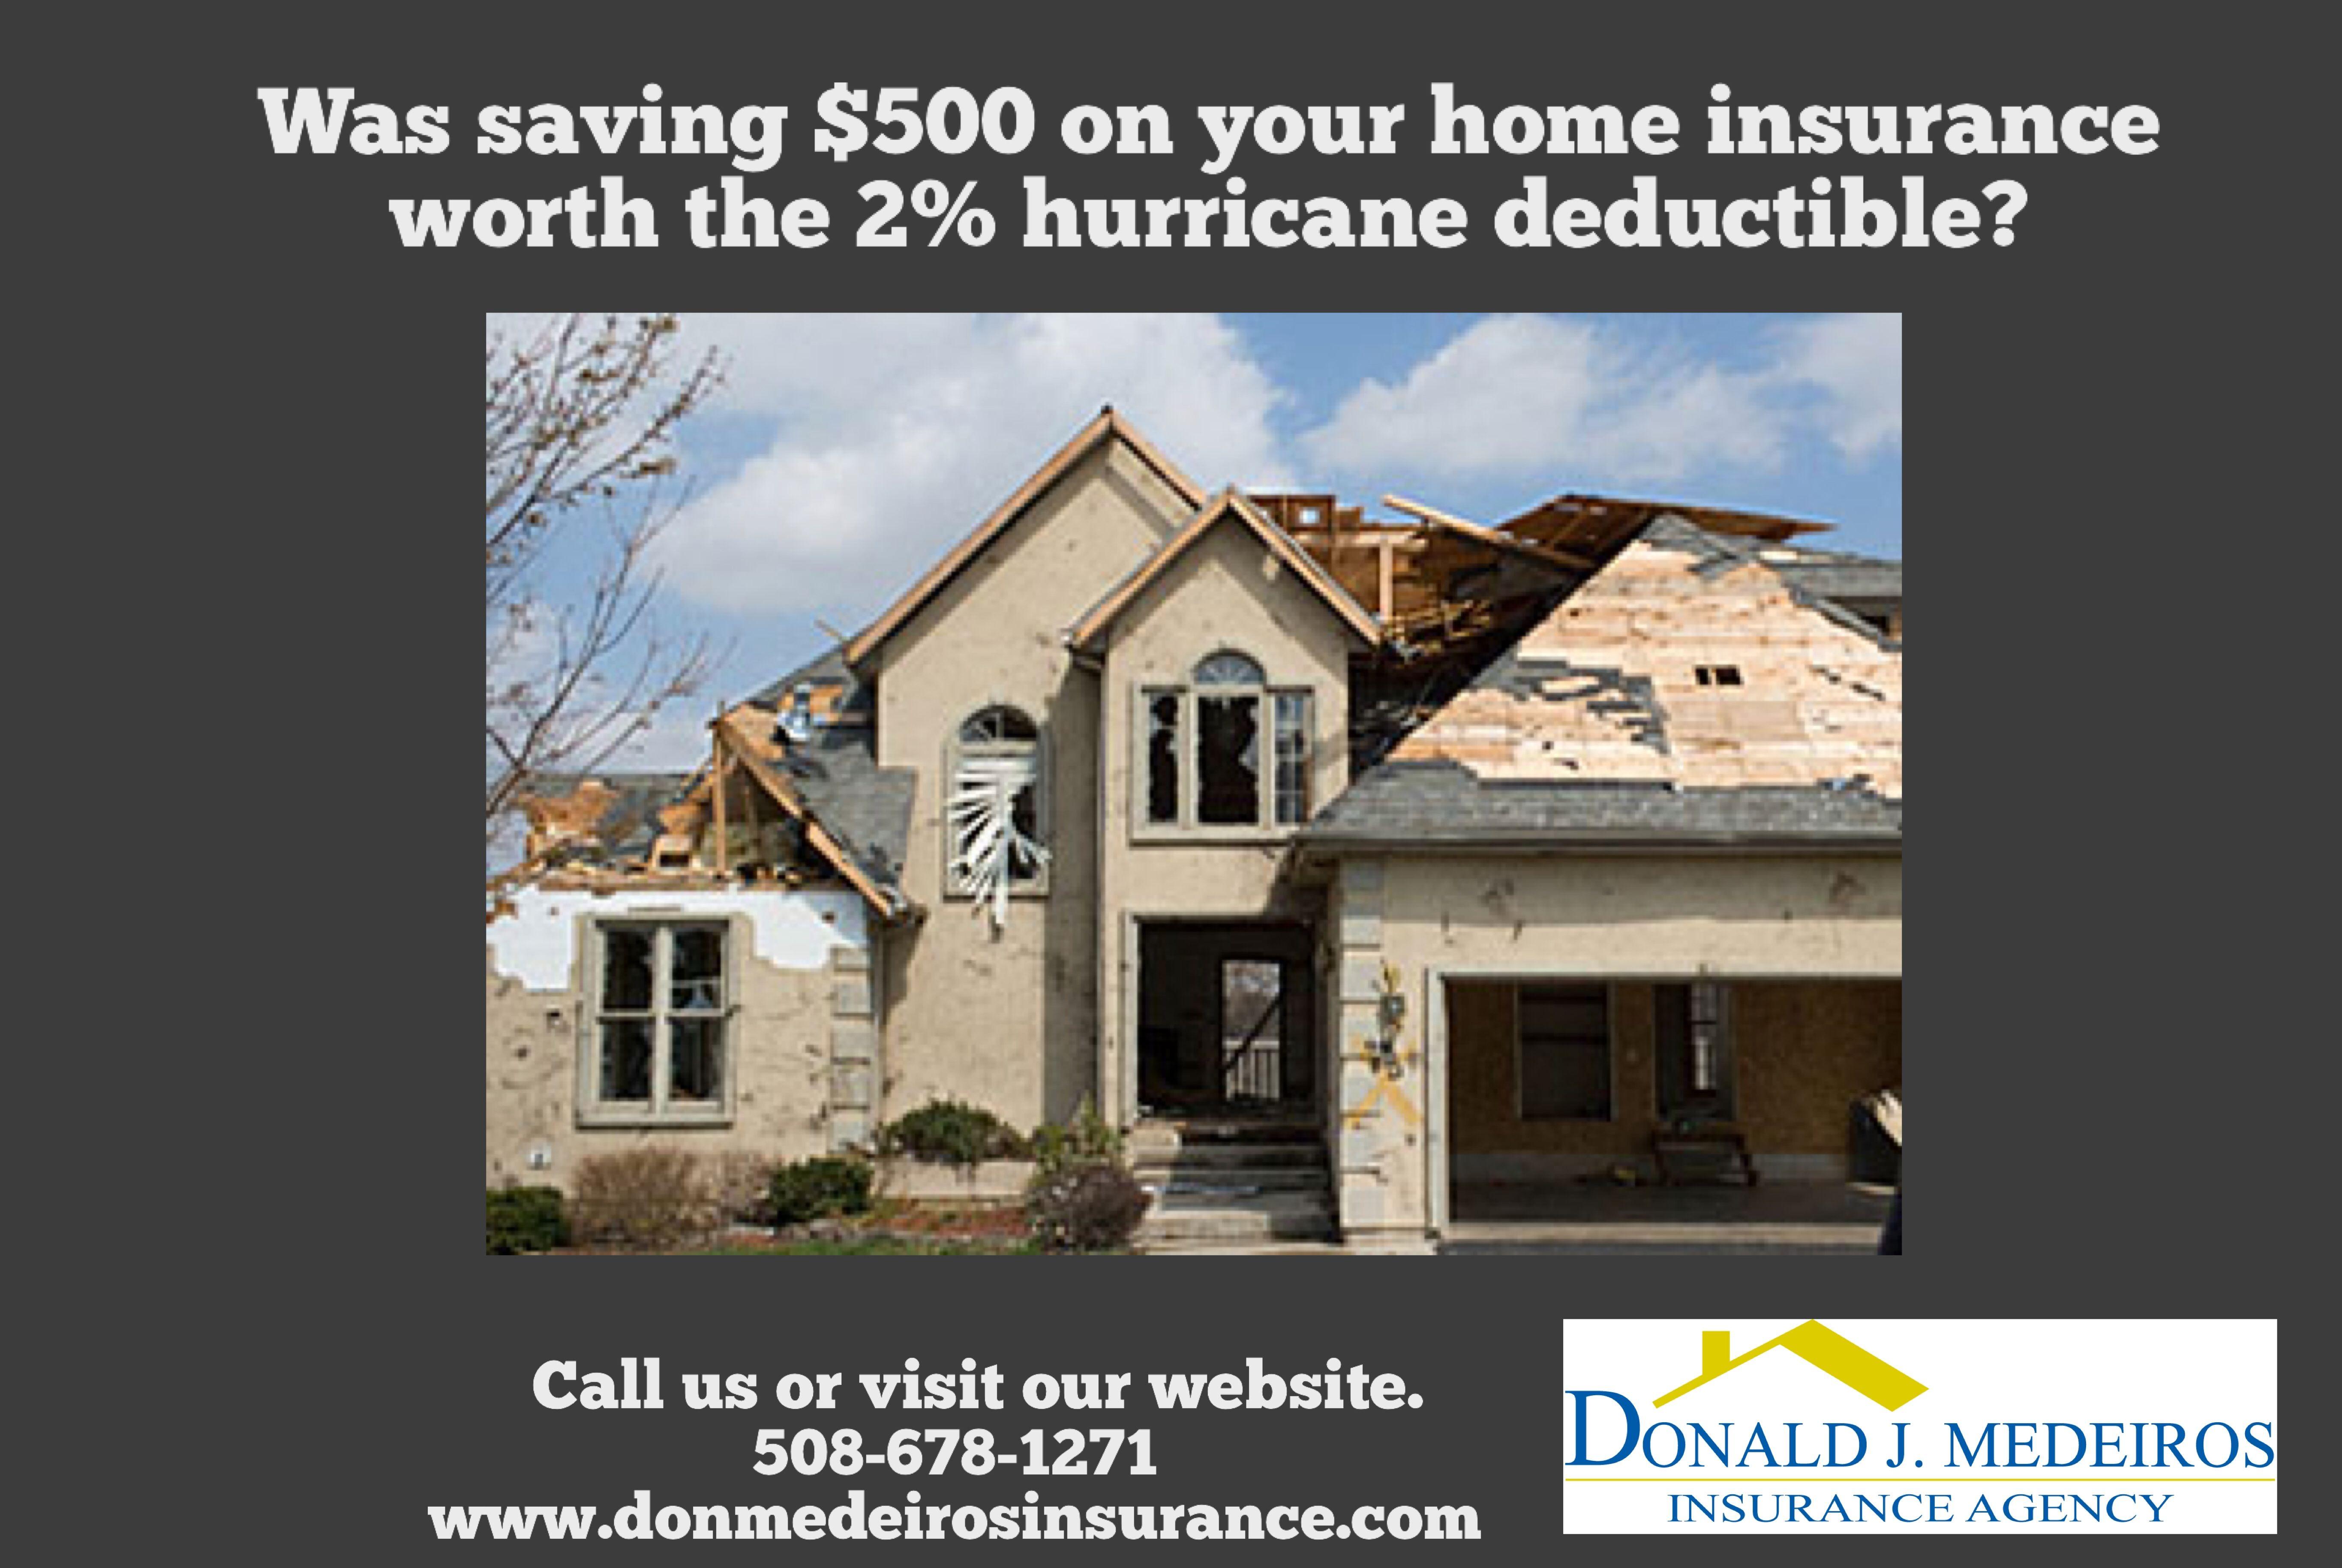 Hurricane Season Officially Starts June 1st Insurance Agency Fall River Massachusetts Home Insurance